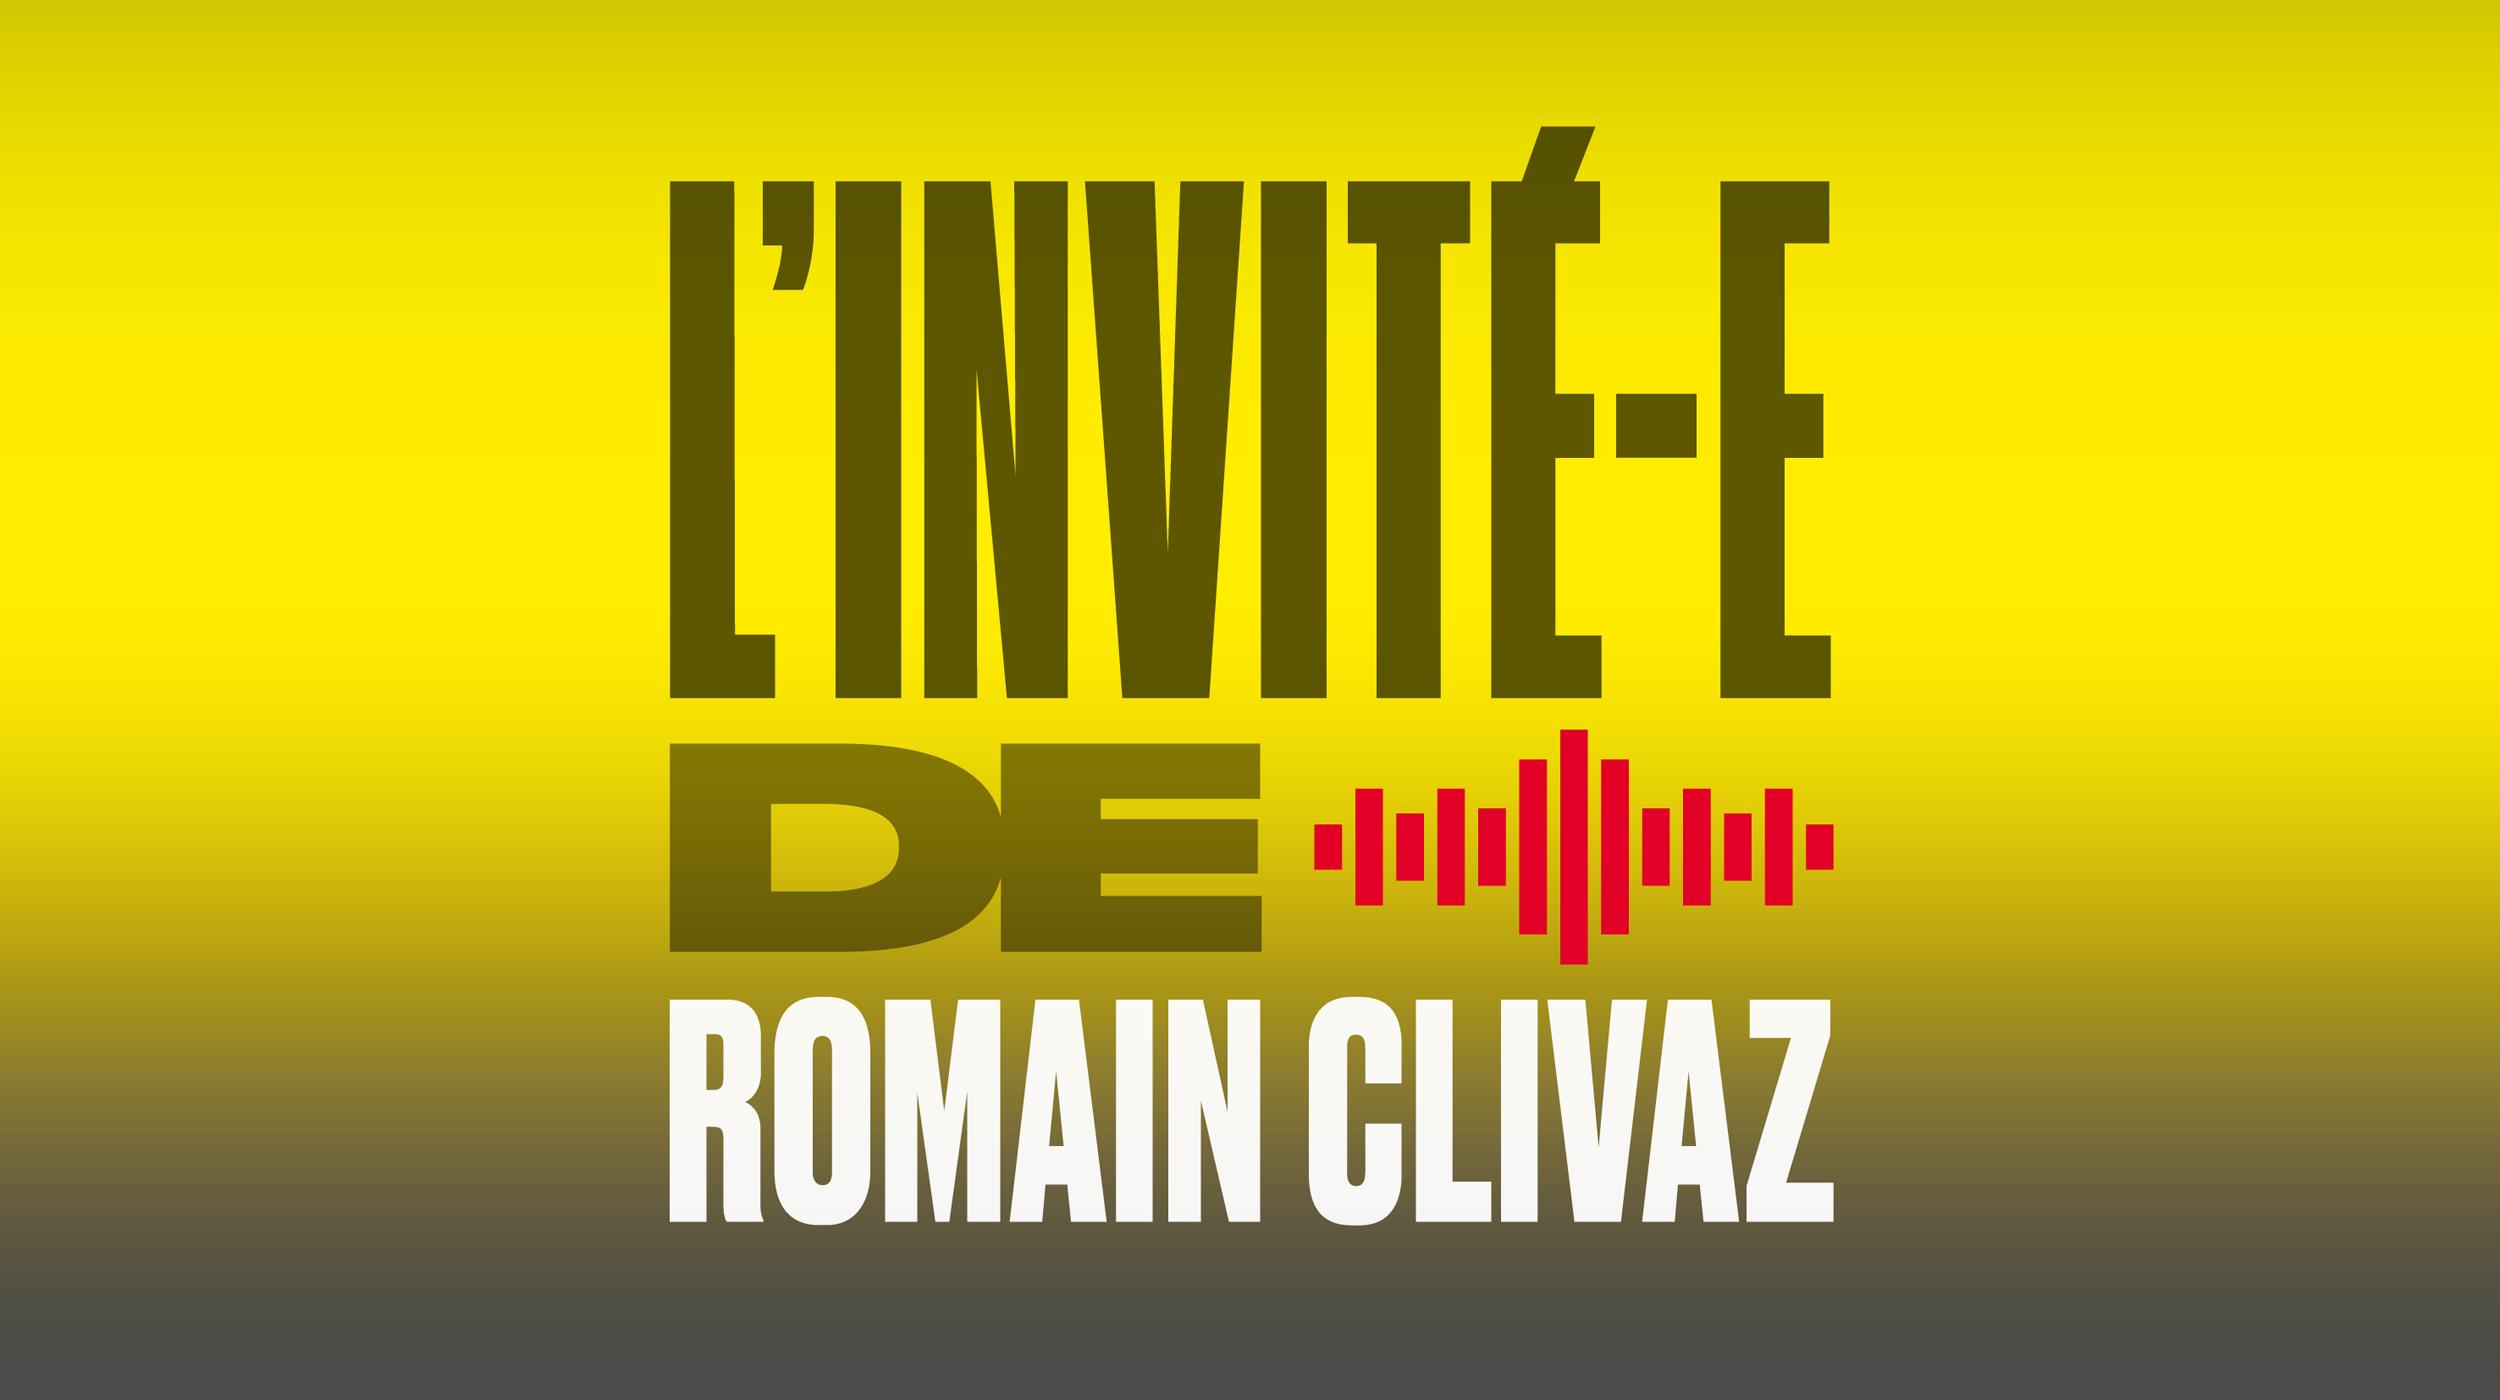 L'invitée de Romain Clivaz - Cesla Amarelle, conseillère d'Etat socialiste vaudoise